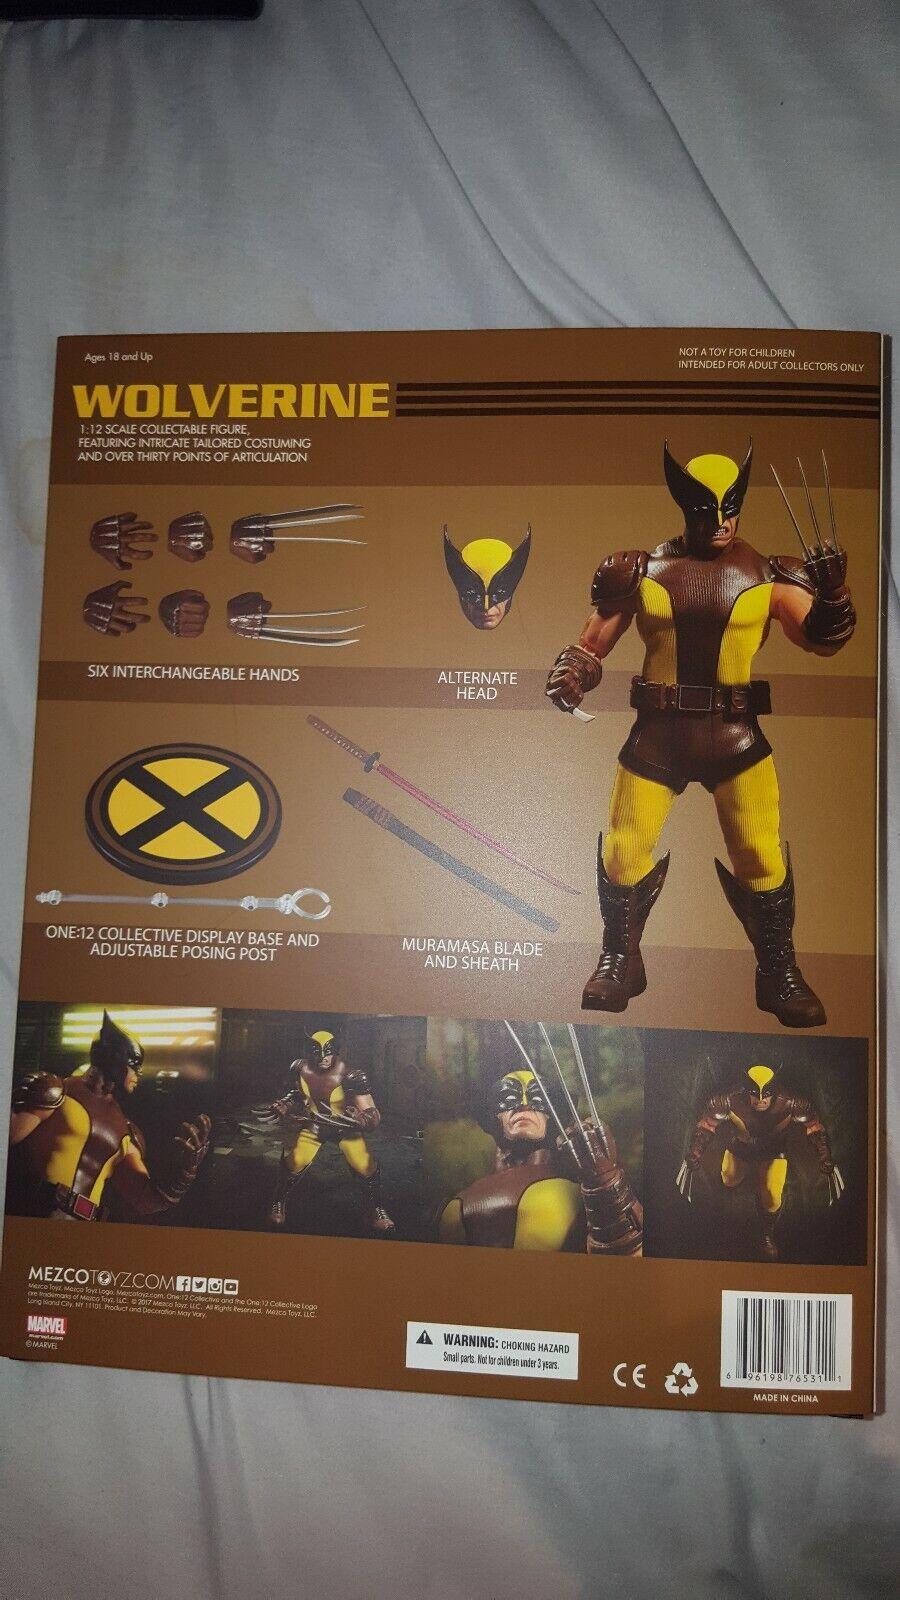 Mezco Toys 1 12 Marvel X-Men Wolverine Action Figure